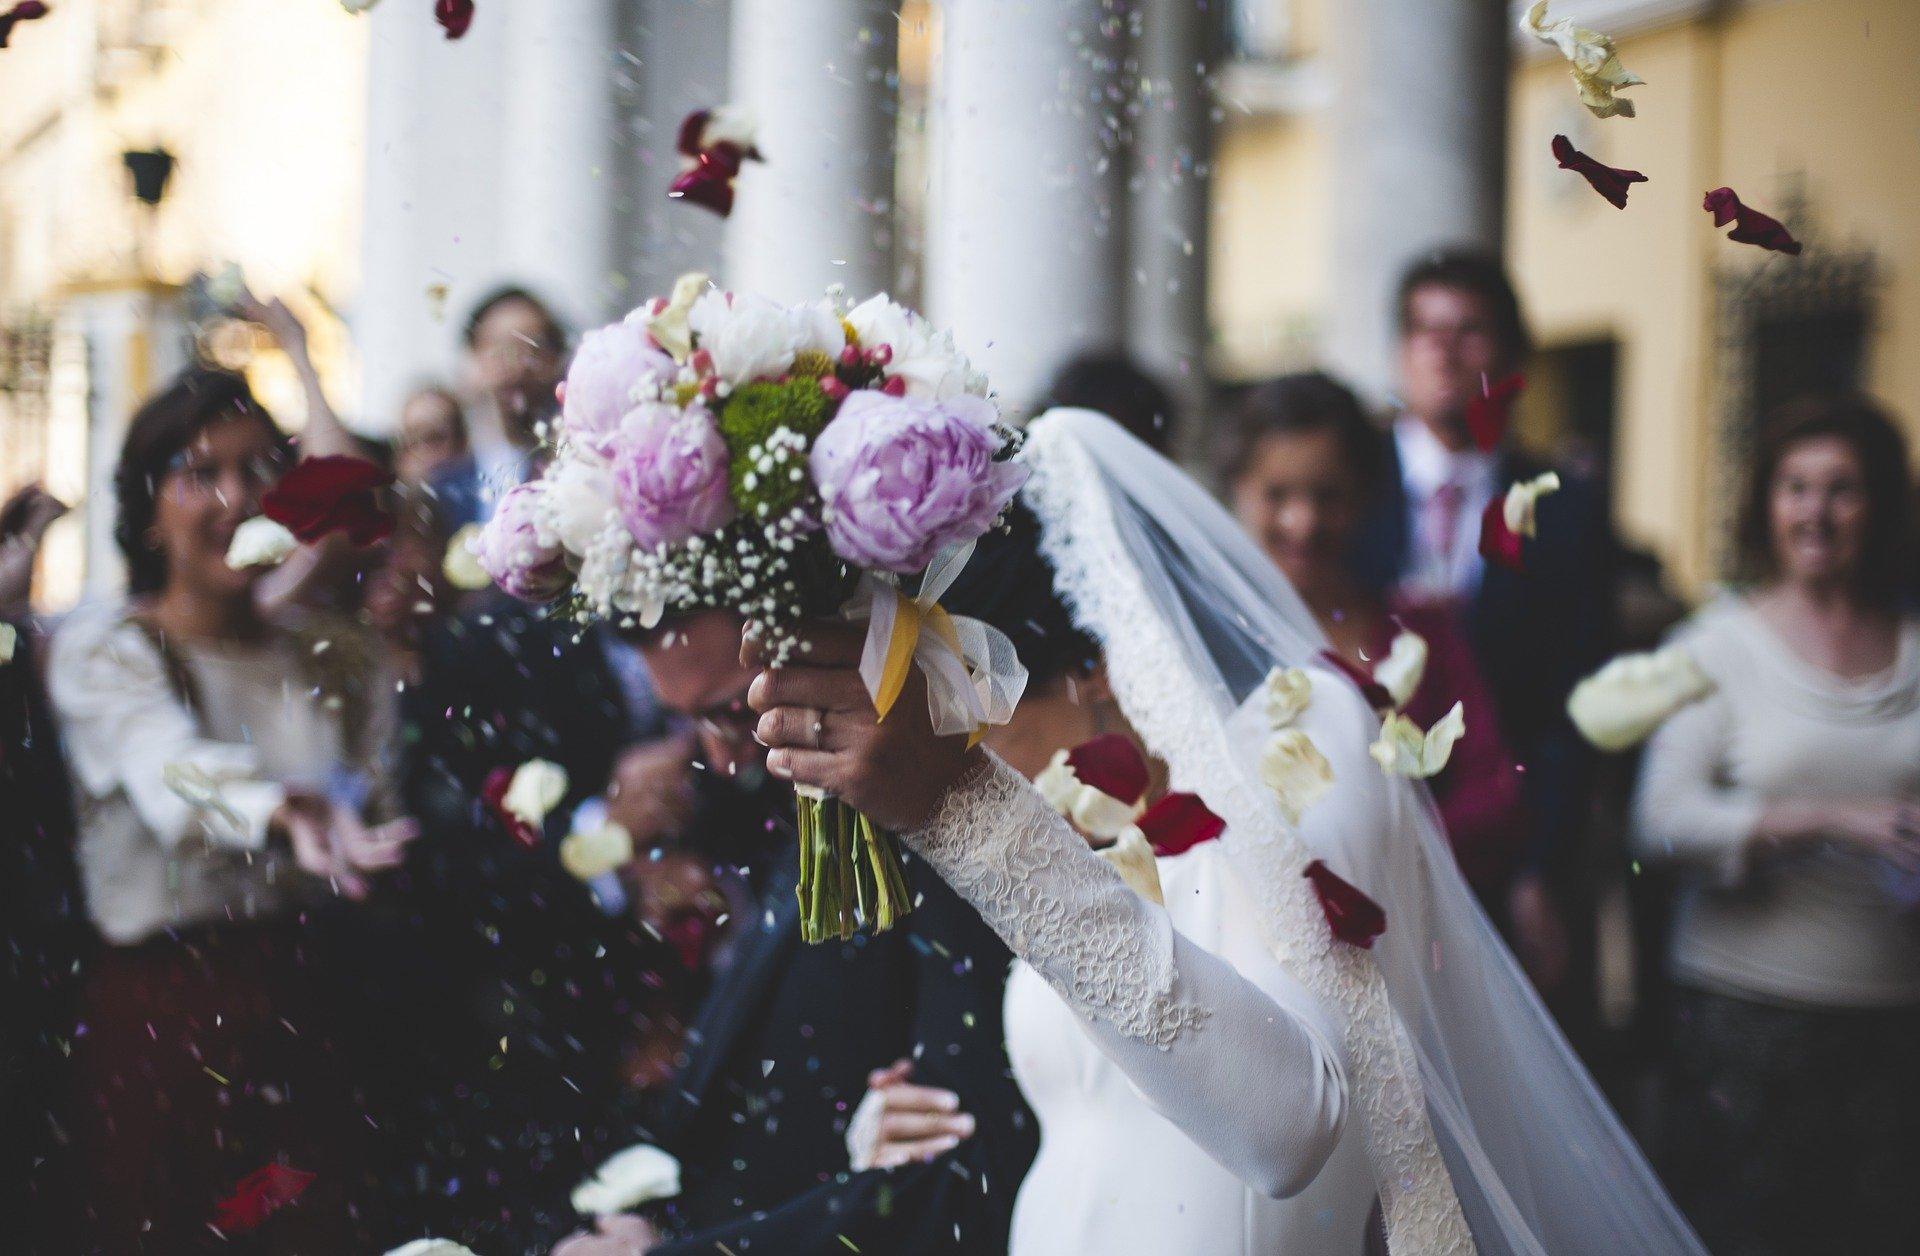 櫻井翔 結婚条件 結婚観 結婚指輪 結婚式 ピアノ